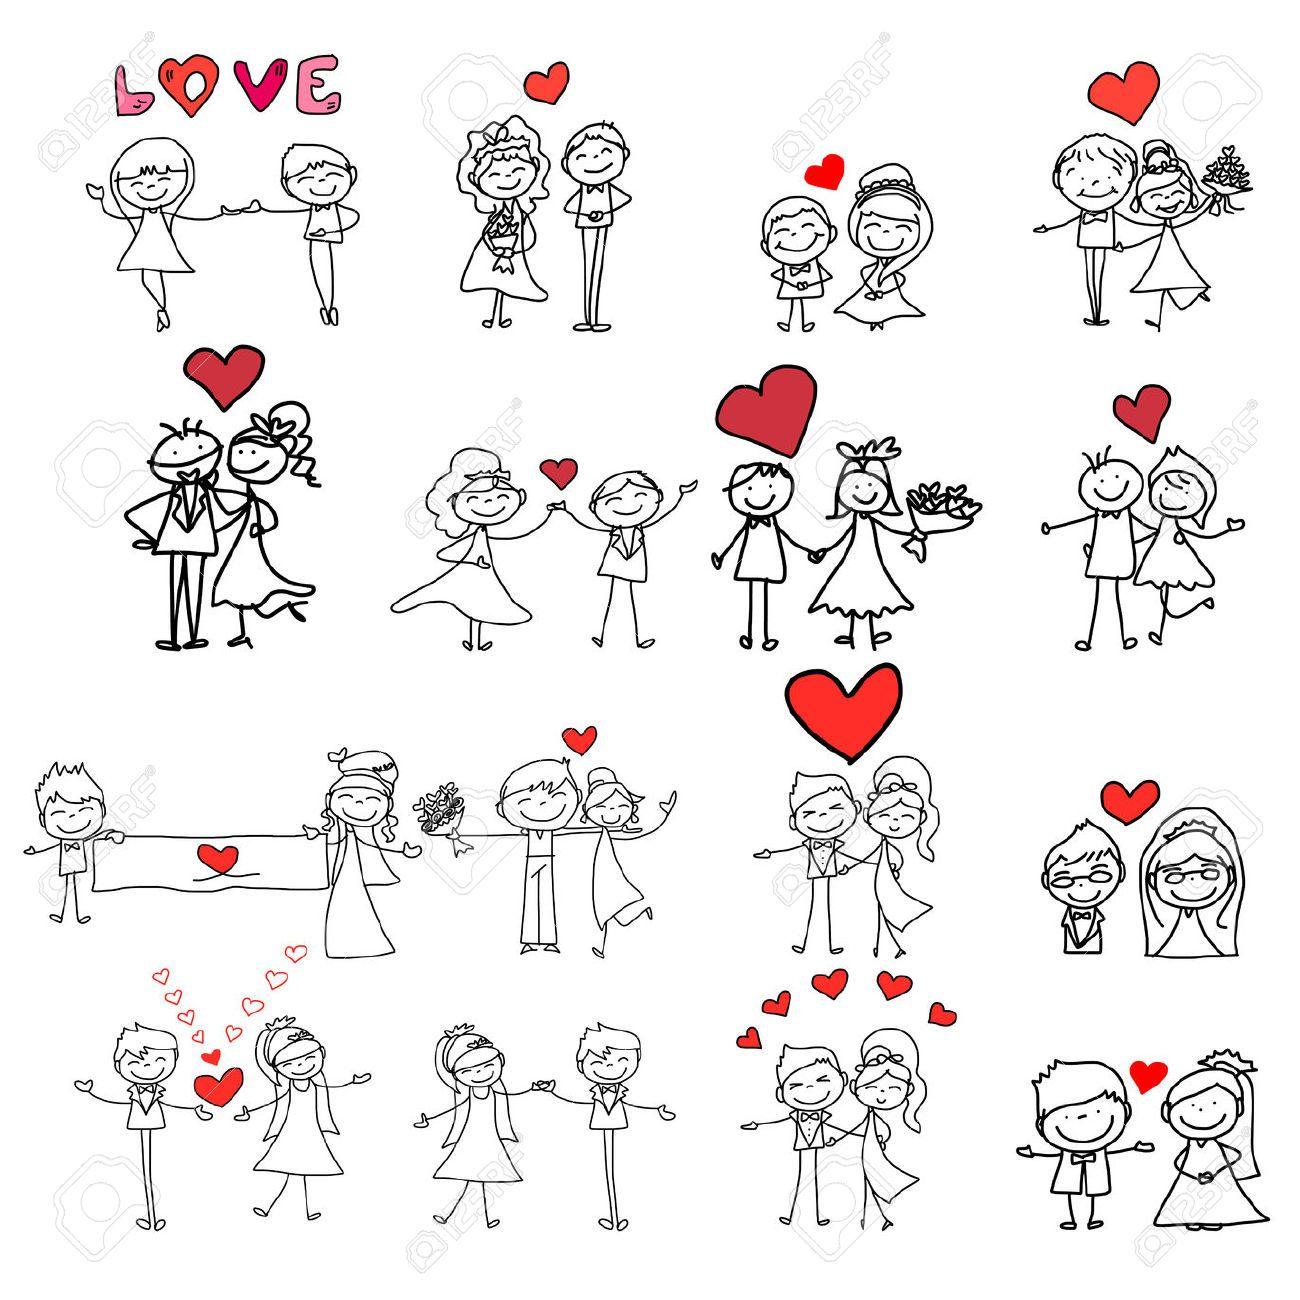 Dibujos infantiles de ni os tomados de las manos para - Fotos de parejas en blanco y negro ...